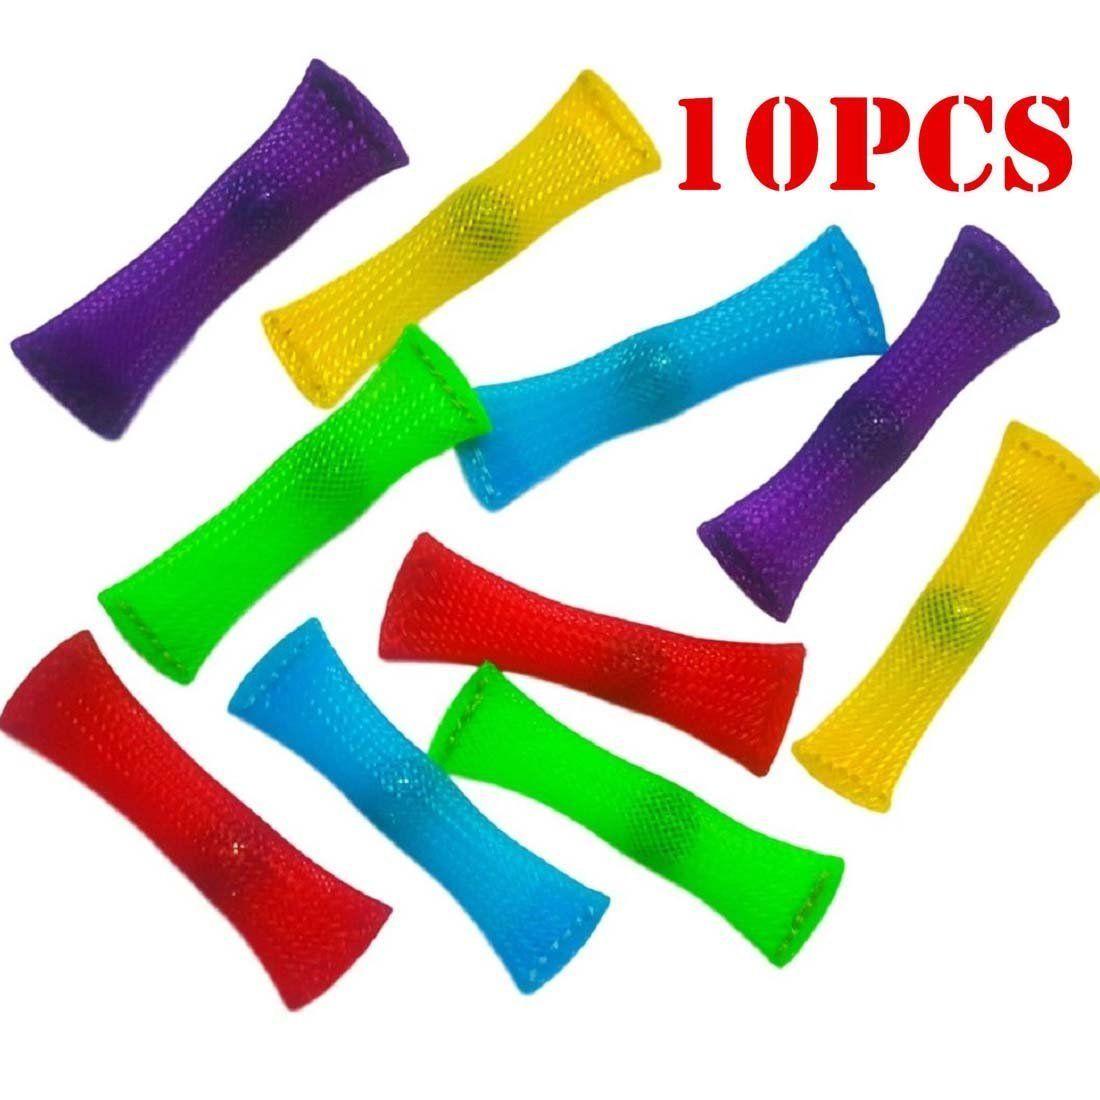 10 шт. разные цвета сетки успокаивающий мрамор Непоседа игрушка стресс тревожности рельеф фокус повышения игрушка